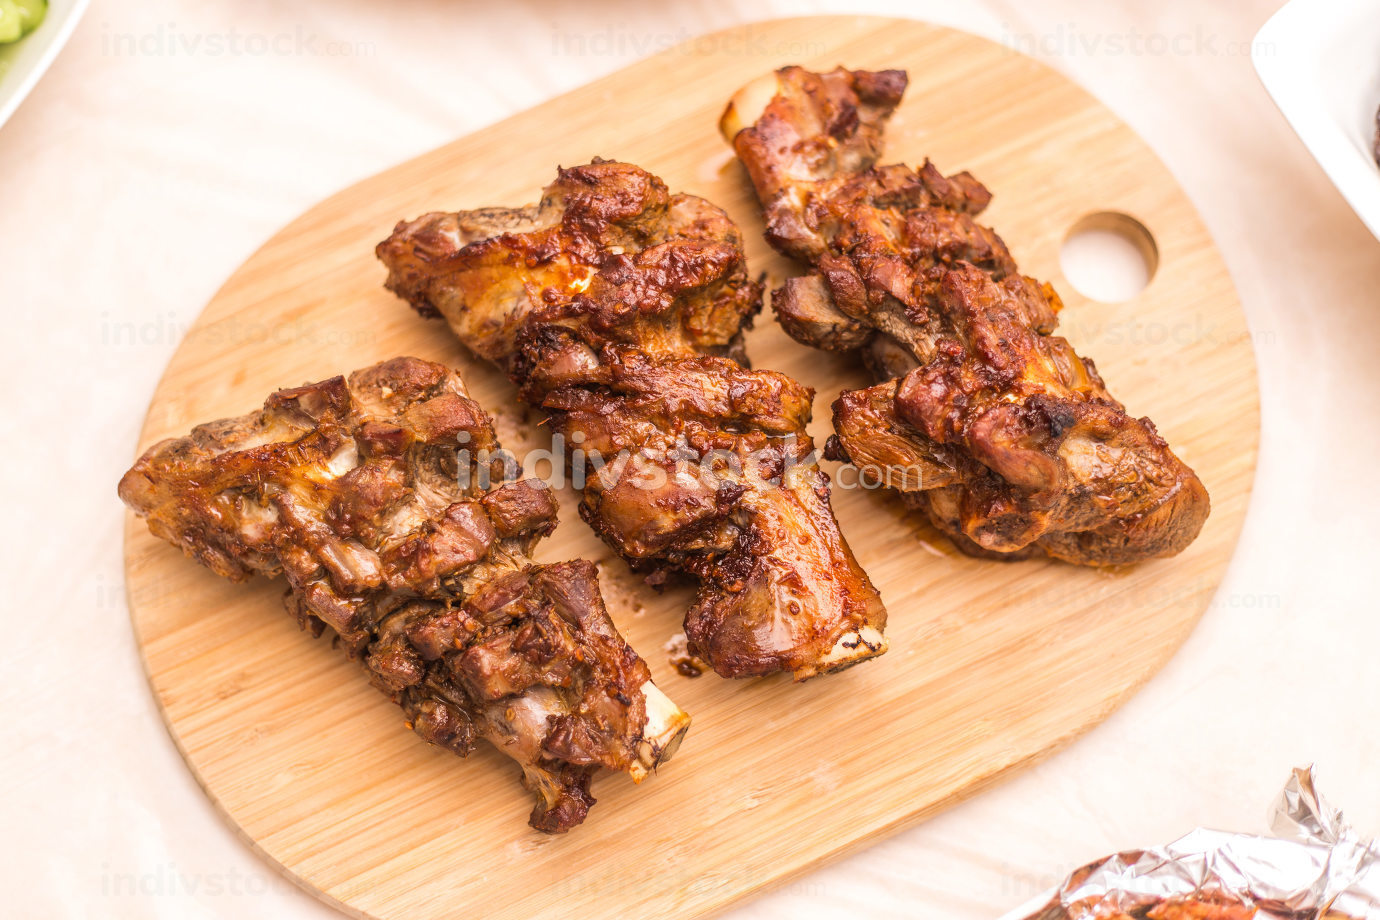 lamb leg roast on a steel plate